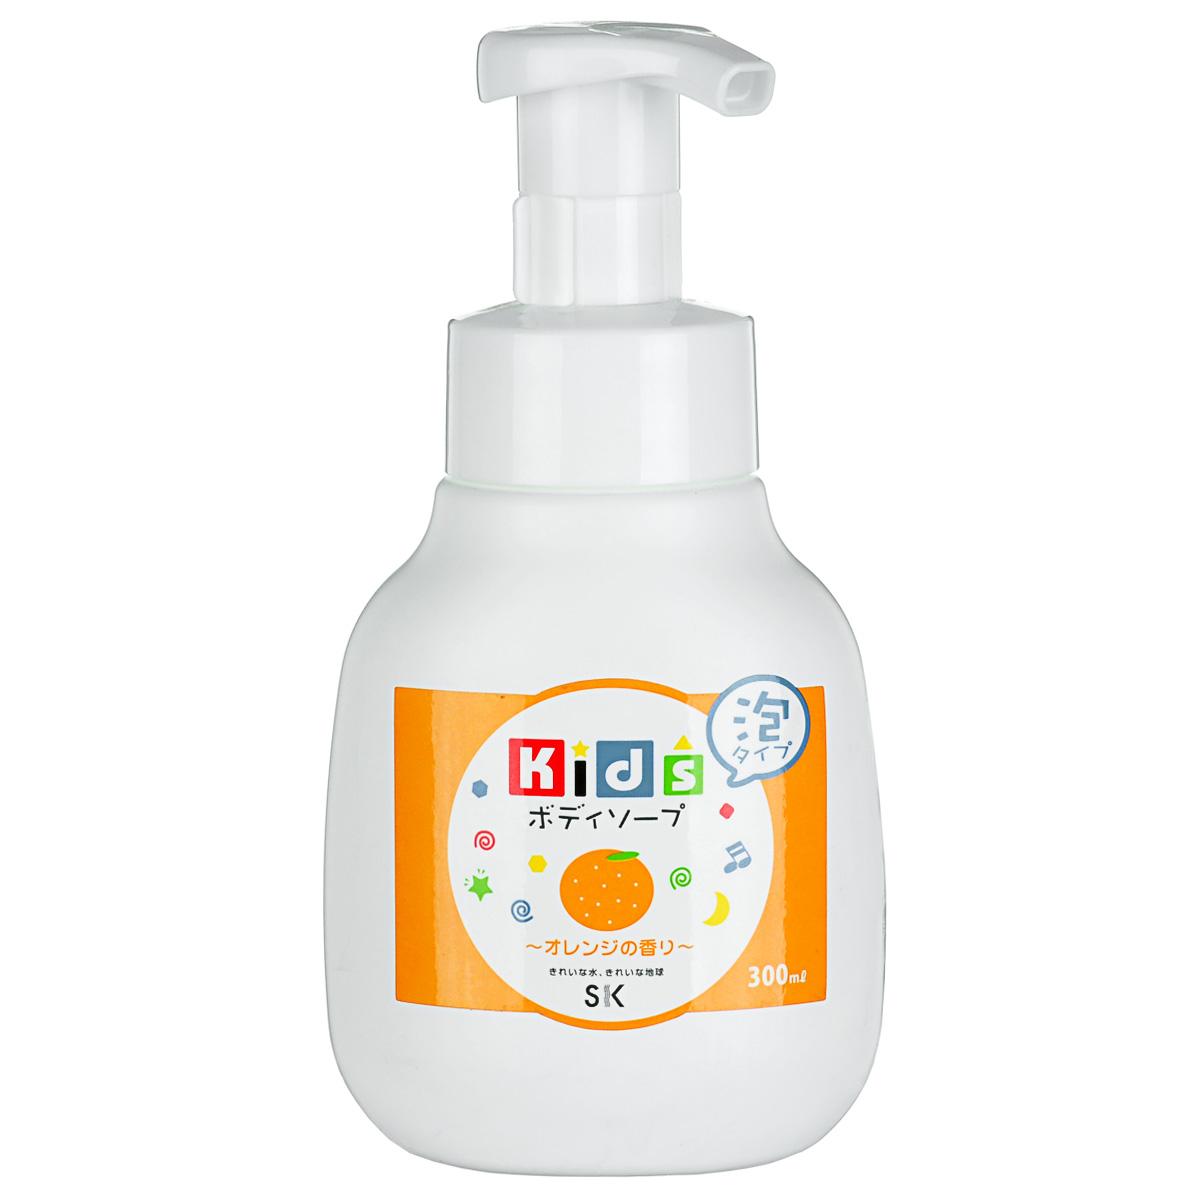 SK Kids Детское пенное мыло для тела с ароматом апельсина, 300 млSatin Hair 7 BR730MNВоздушное детское пенное мыло порадует вашего малыша сочным ароматом апельсина и мыльными пузырьками! Очистит детскую кожу и обеспечит полноценный уход за ней, абсолютно безопасно. Экстракт апельсиновой цедры, в составе пенки, смягчит и окажет тонизирующее действие на нежную кожу. Не содержит ПАВ, искусственных красителей, ароматизаторов, антиоксидантов, поэтому мыло необходимо хранить в местах, защищенных от прямых солнечных лучей, высокой температуры и влажности. Проверено дерматологами.